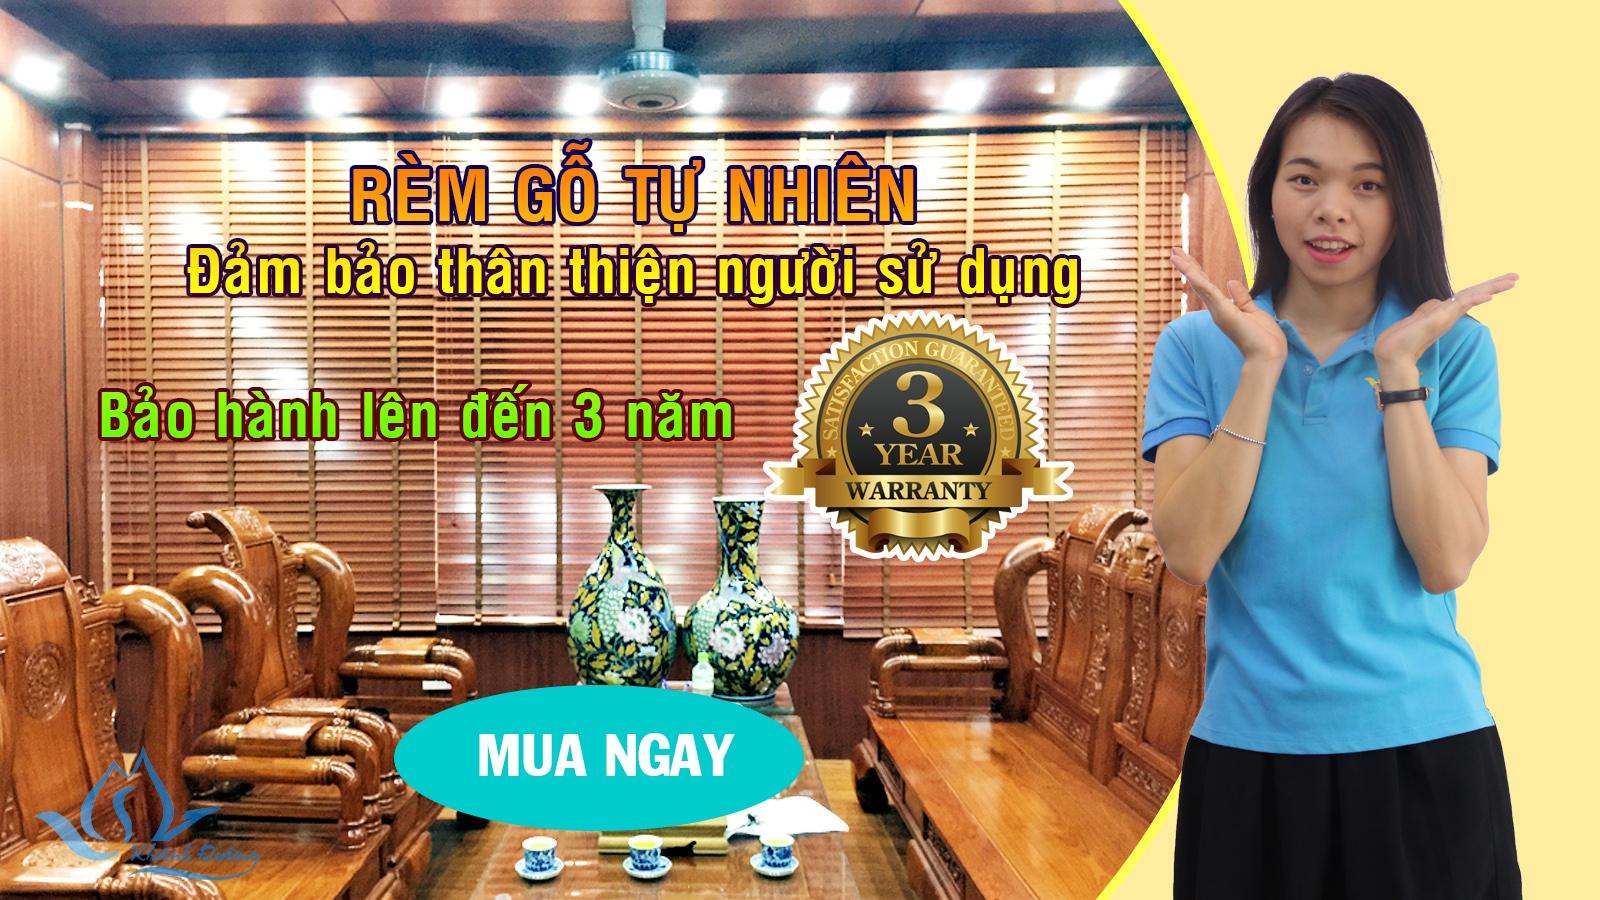 Rèm gỗ tự nhiên đẹp nhất Hà Nội